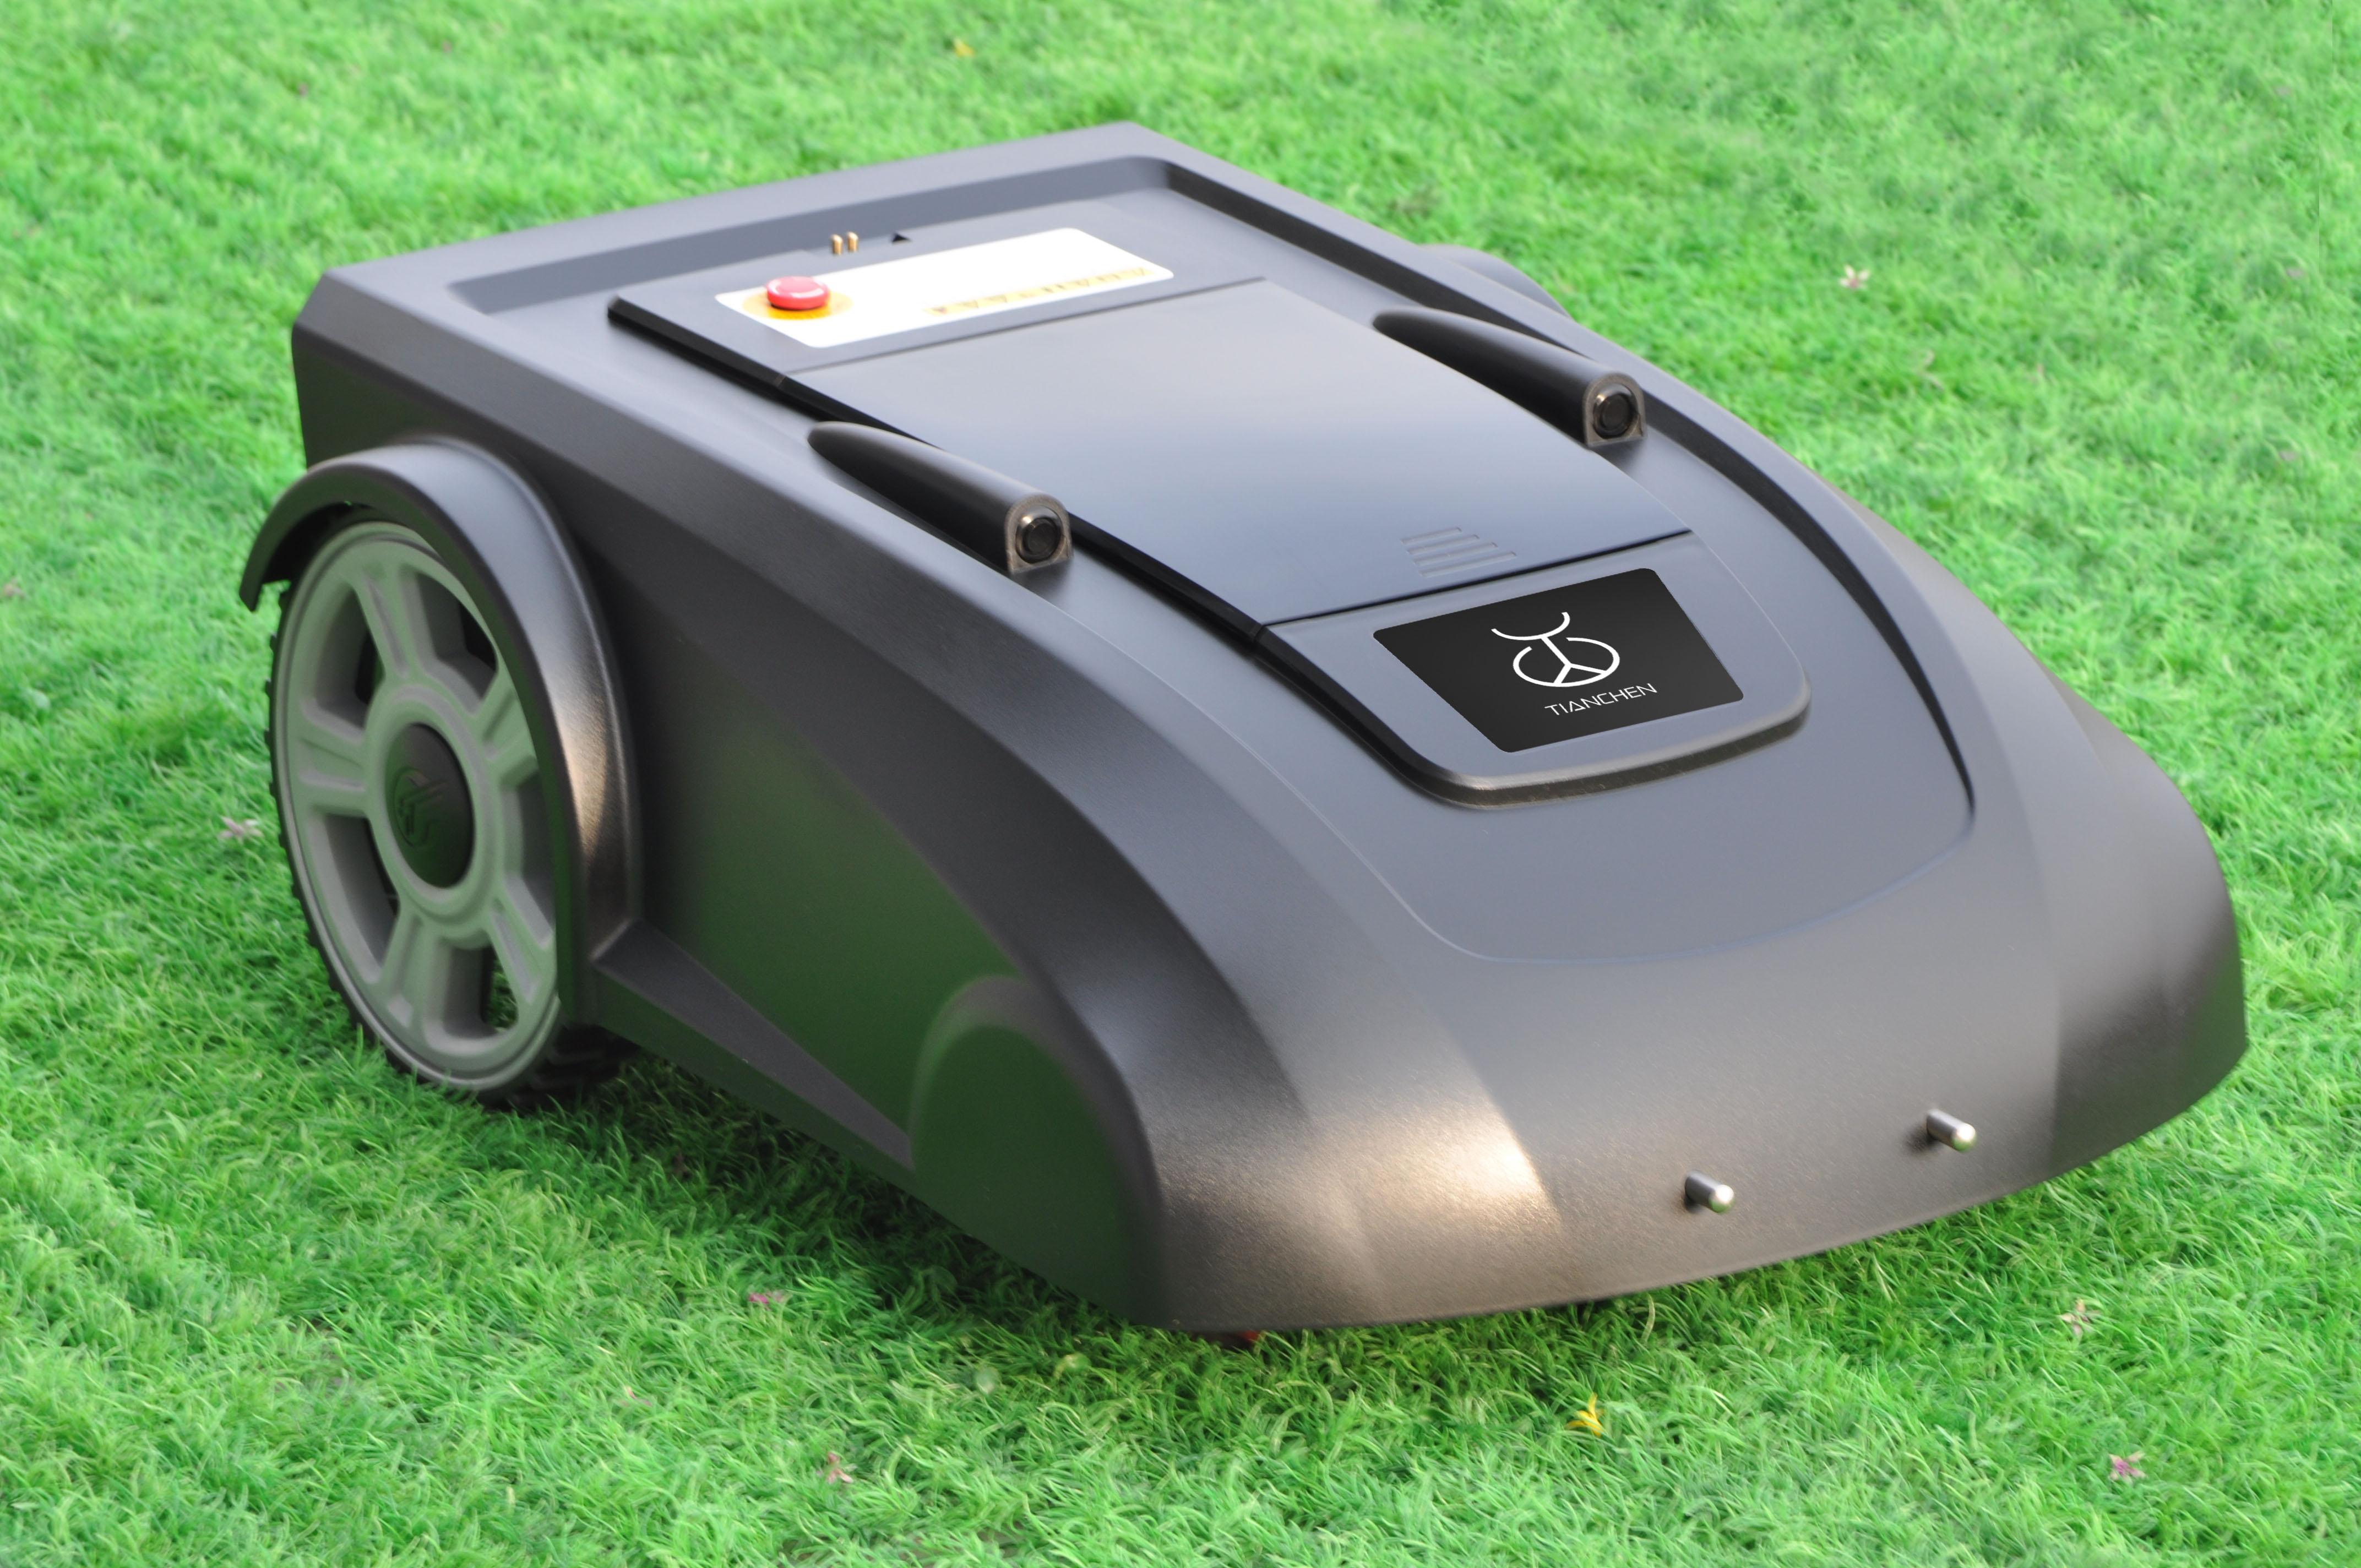 Một máy cắt cưỡi phù hợp mọi bãi cỏ